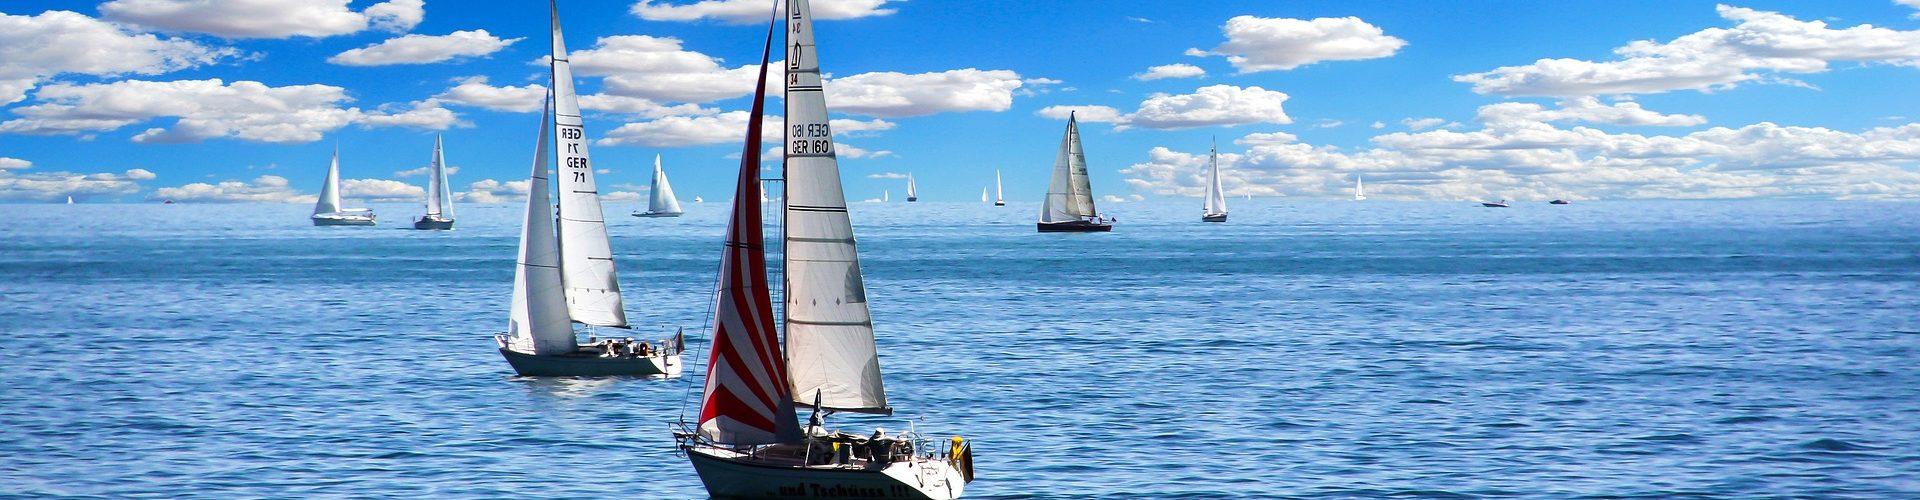 segeln lernen in Teisnach segelschein machen in Teisnach 1920x500 - Segeln lernen in Teisnach